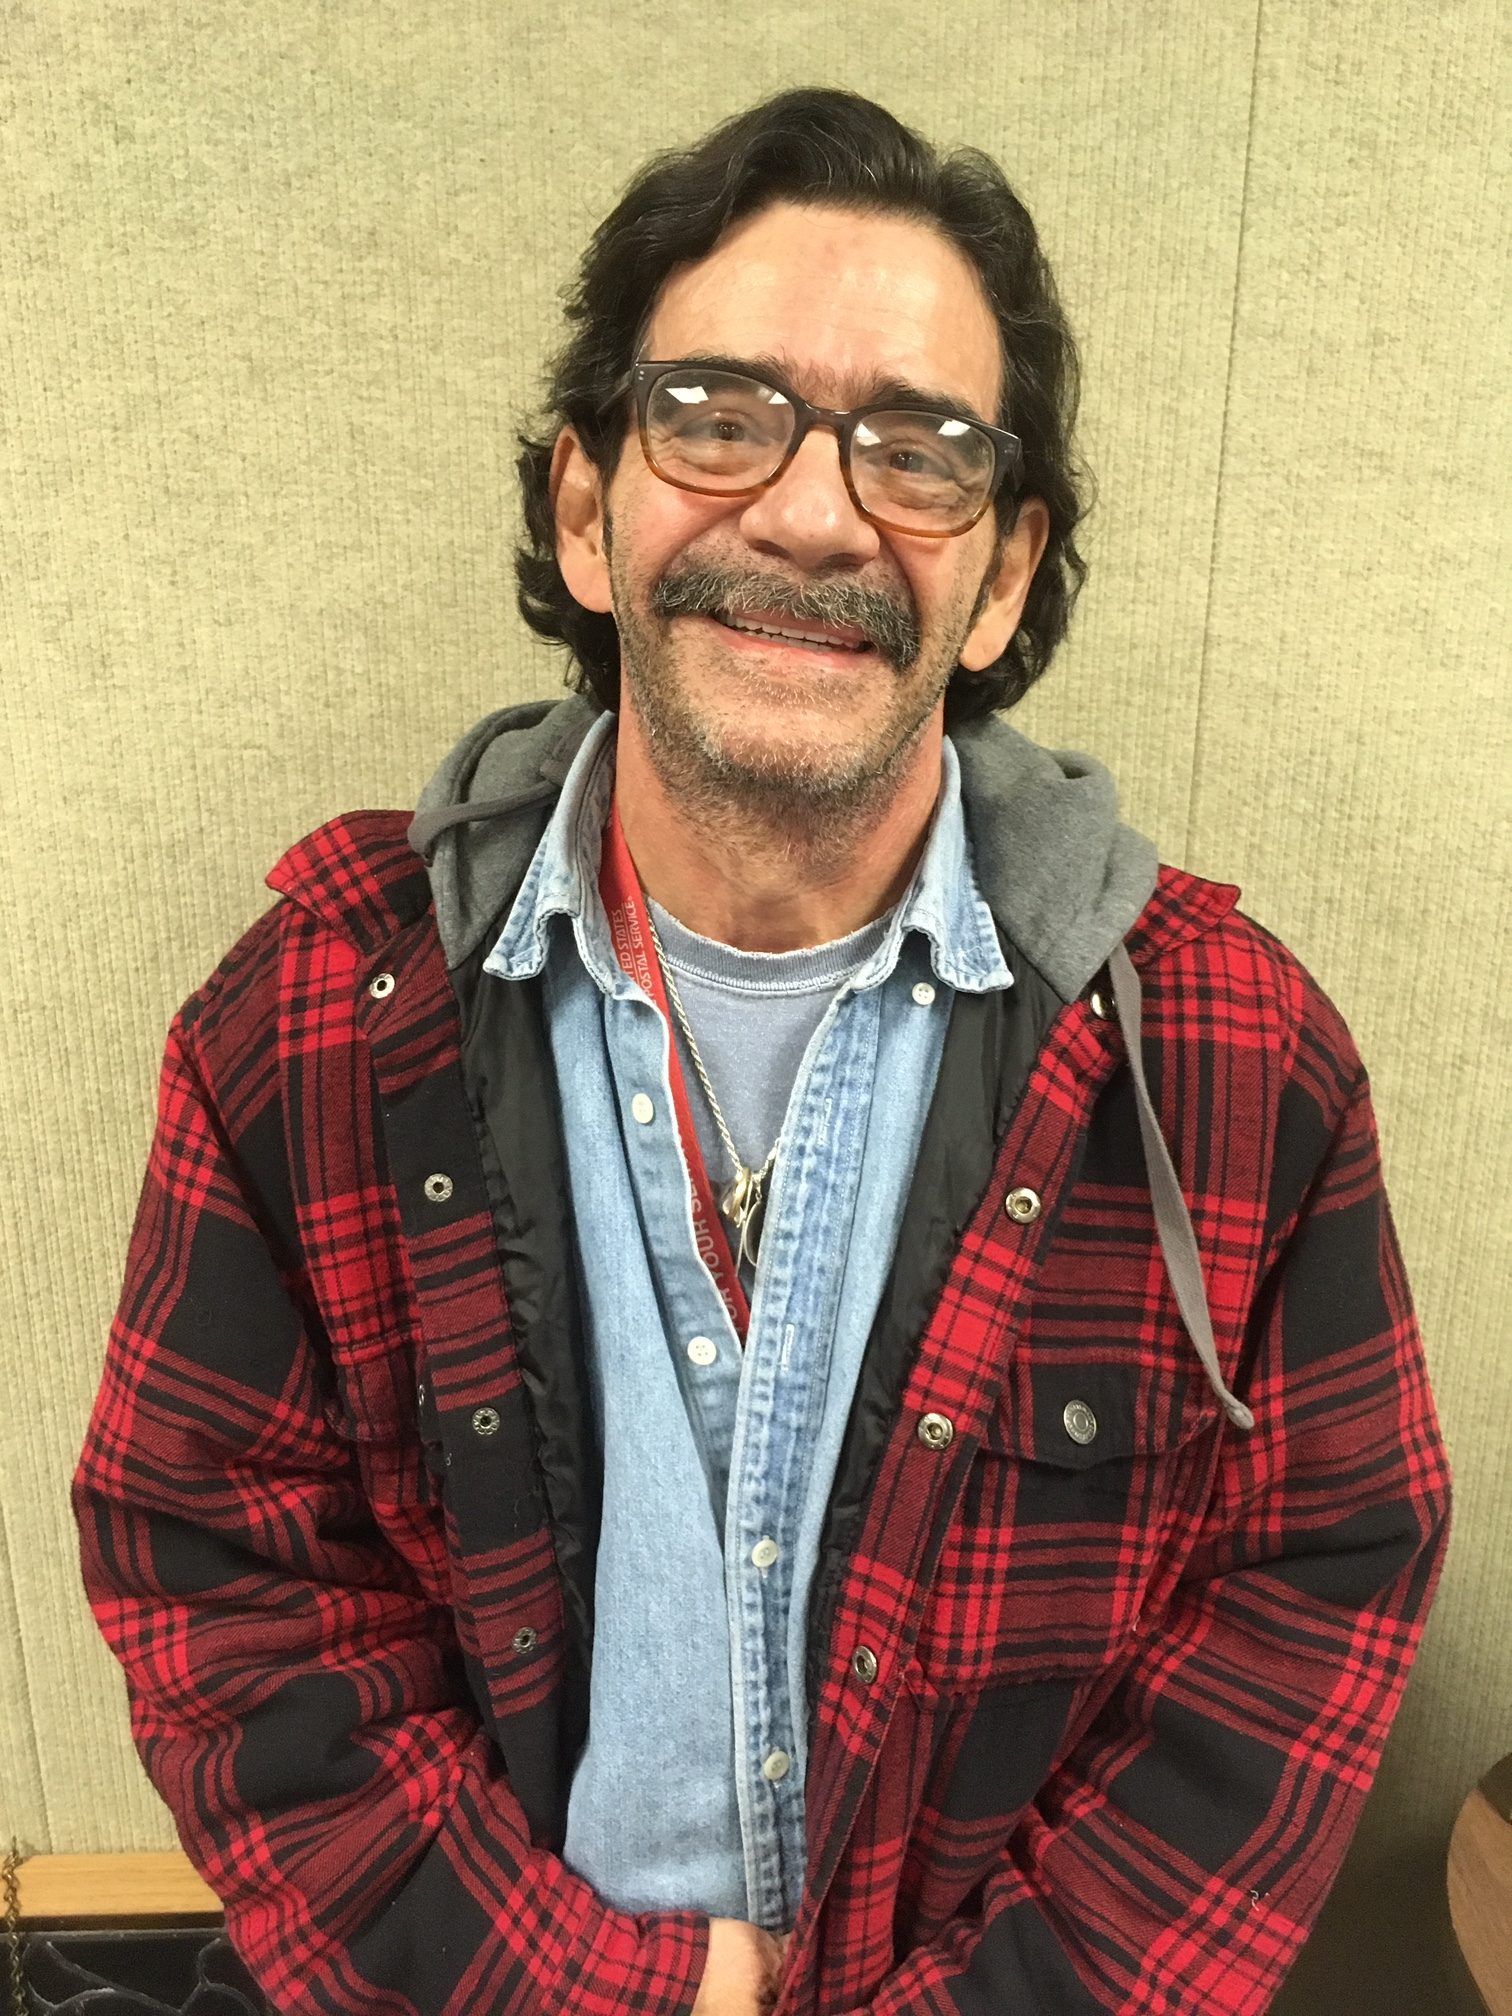 Pete Esquivel, maintenance manager